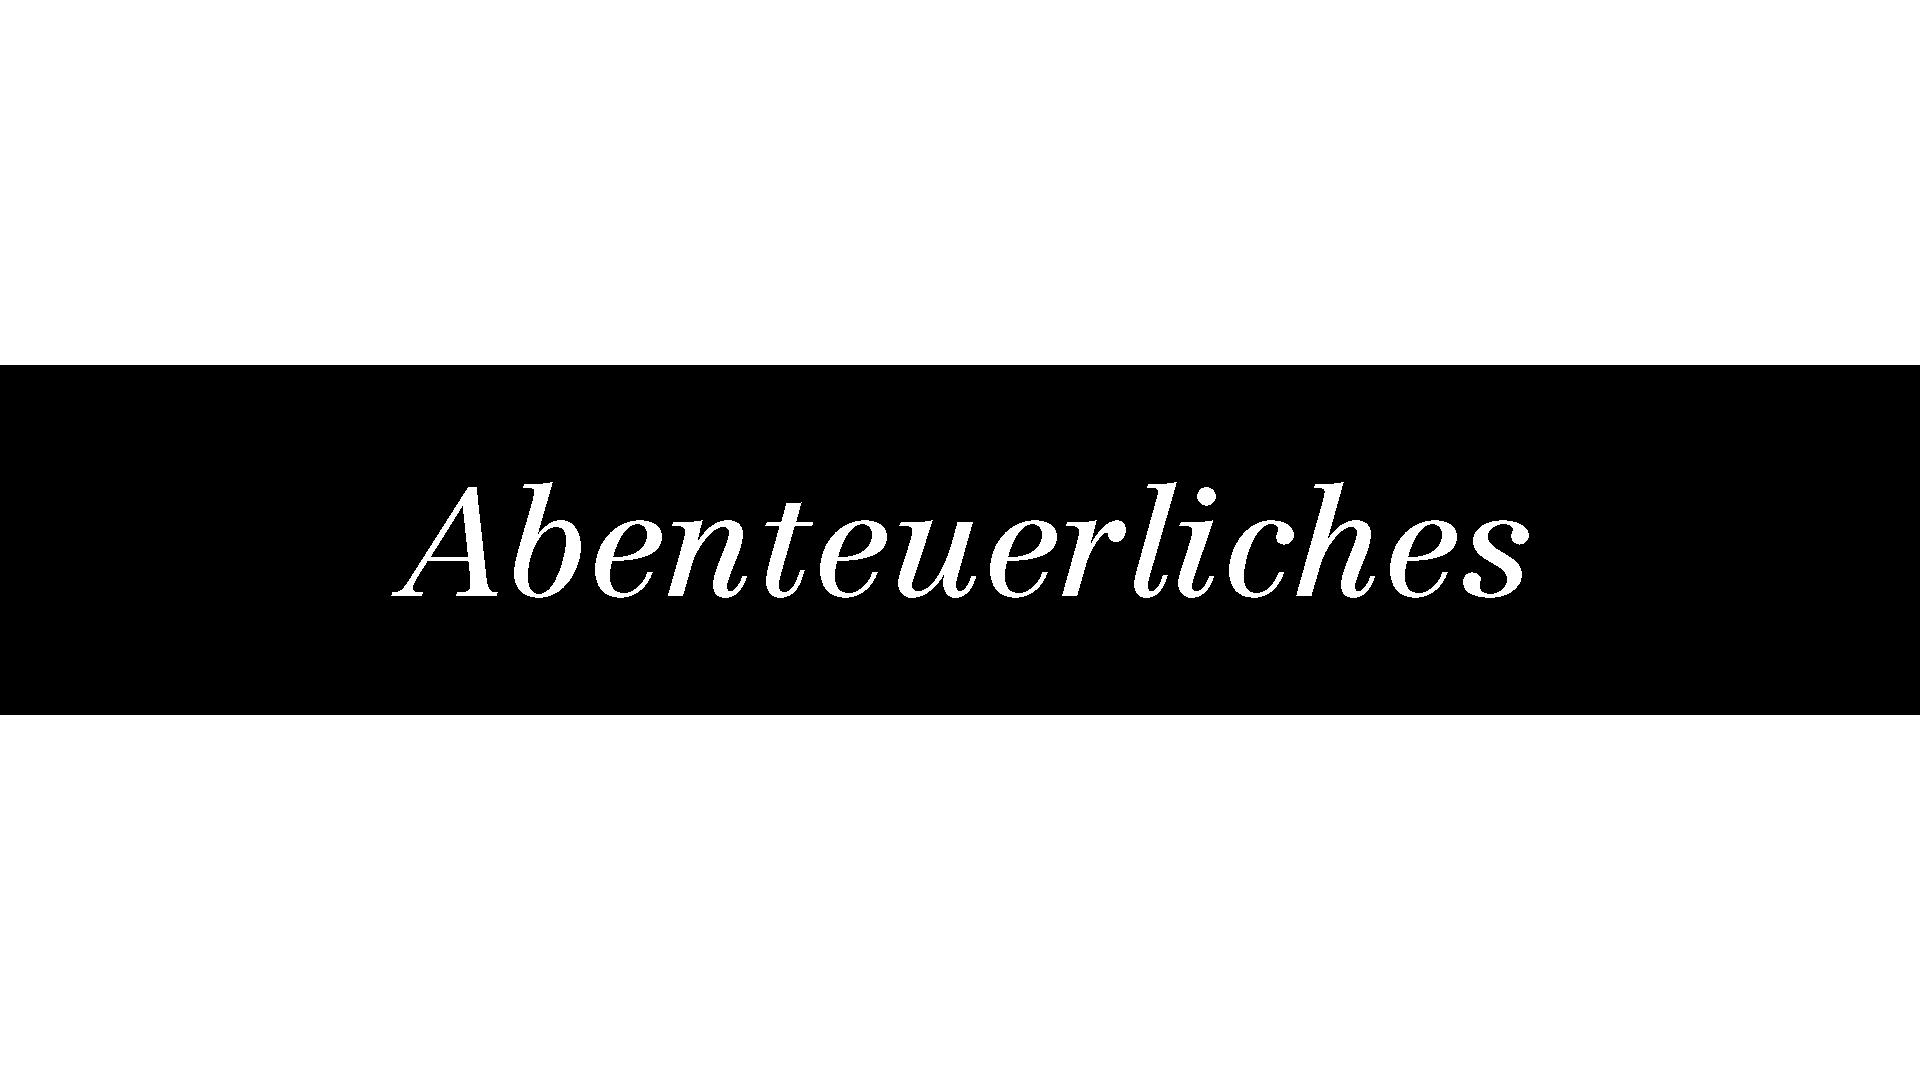 Word-Wheel_0000s_0006_Abenteuerliches-copy